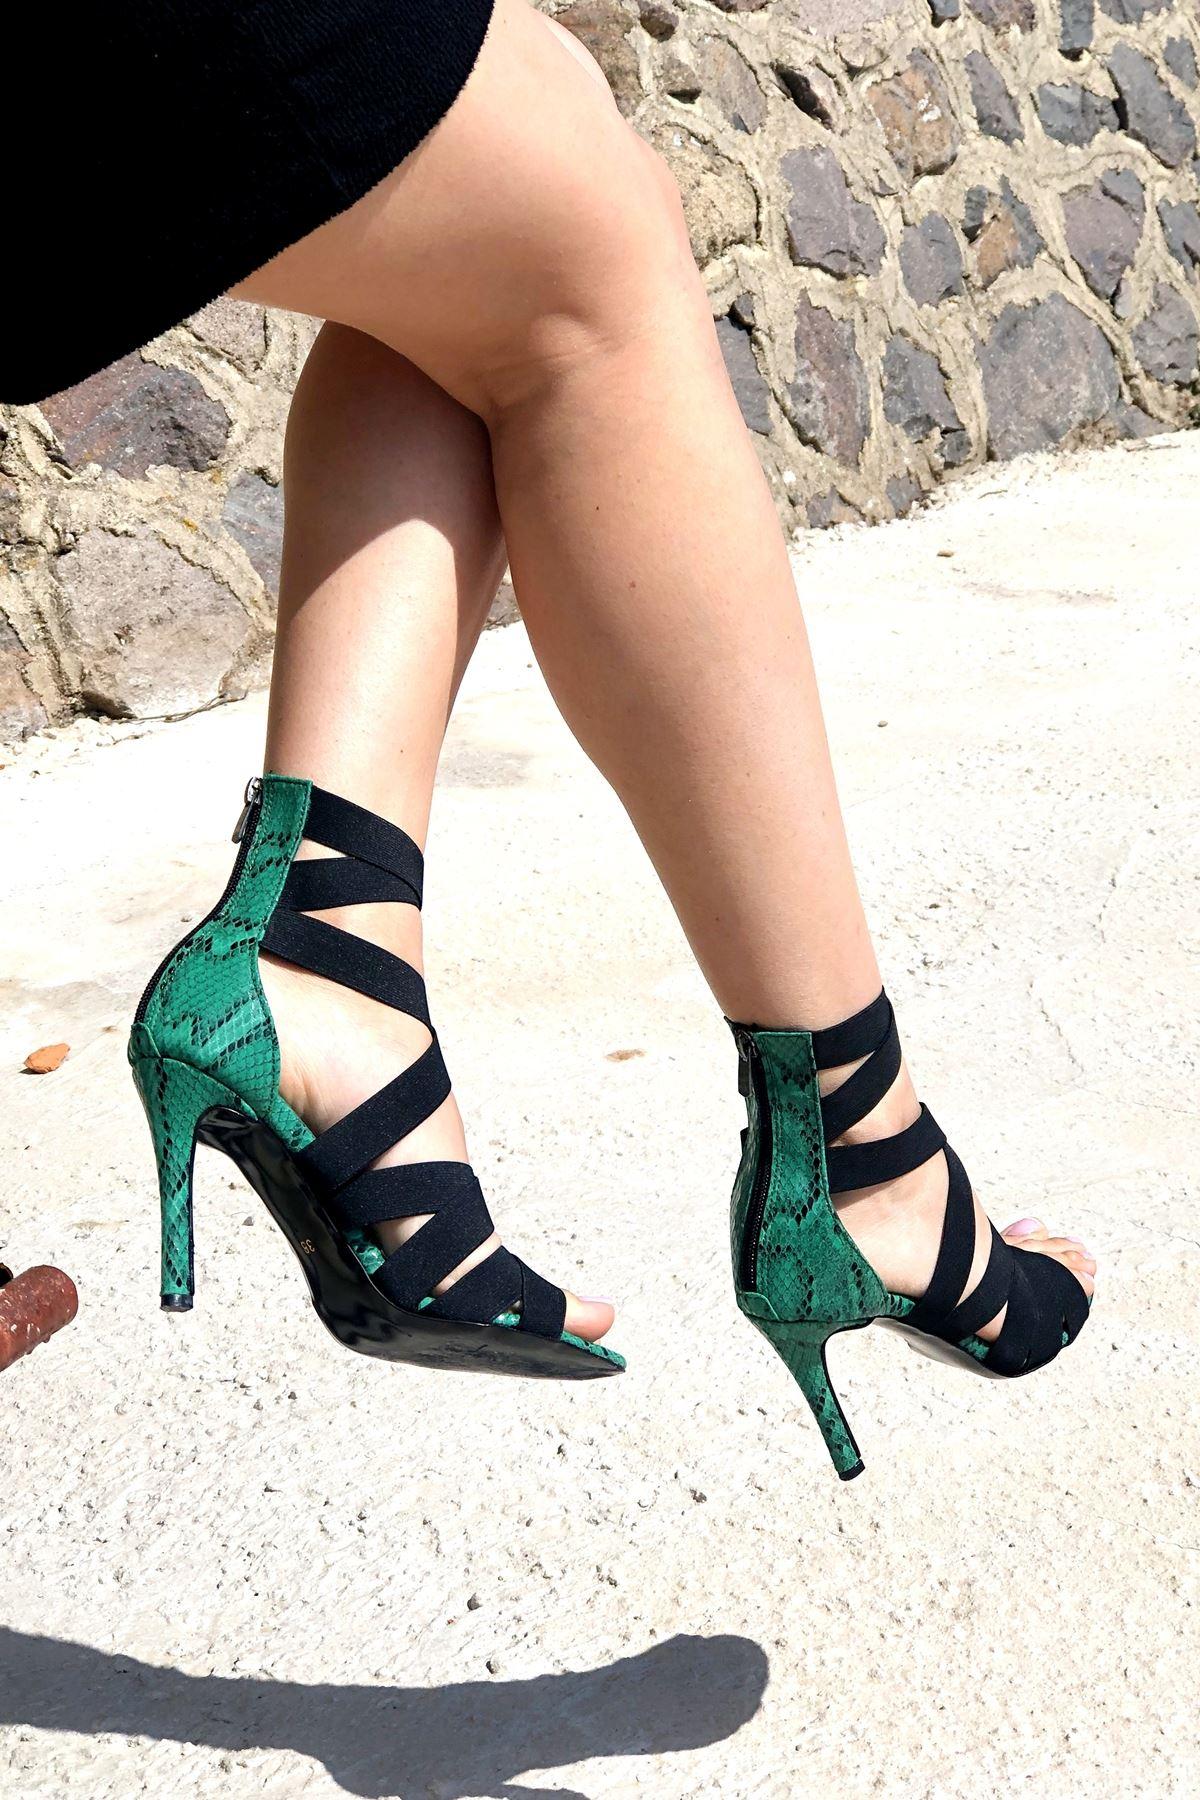 Rasha Yeşil Yılan Lastikli Topuklu Ayakkabı